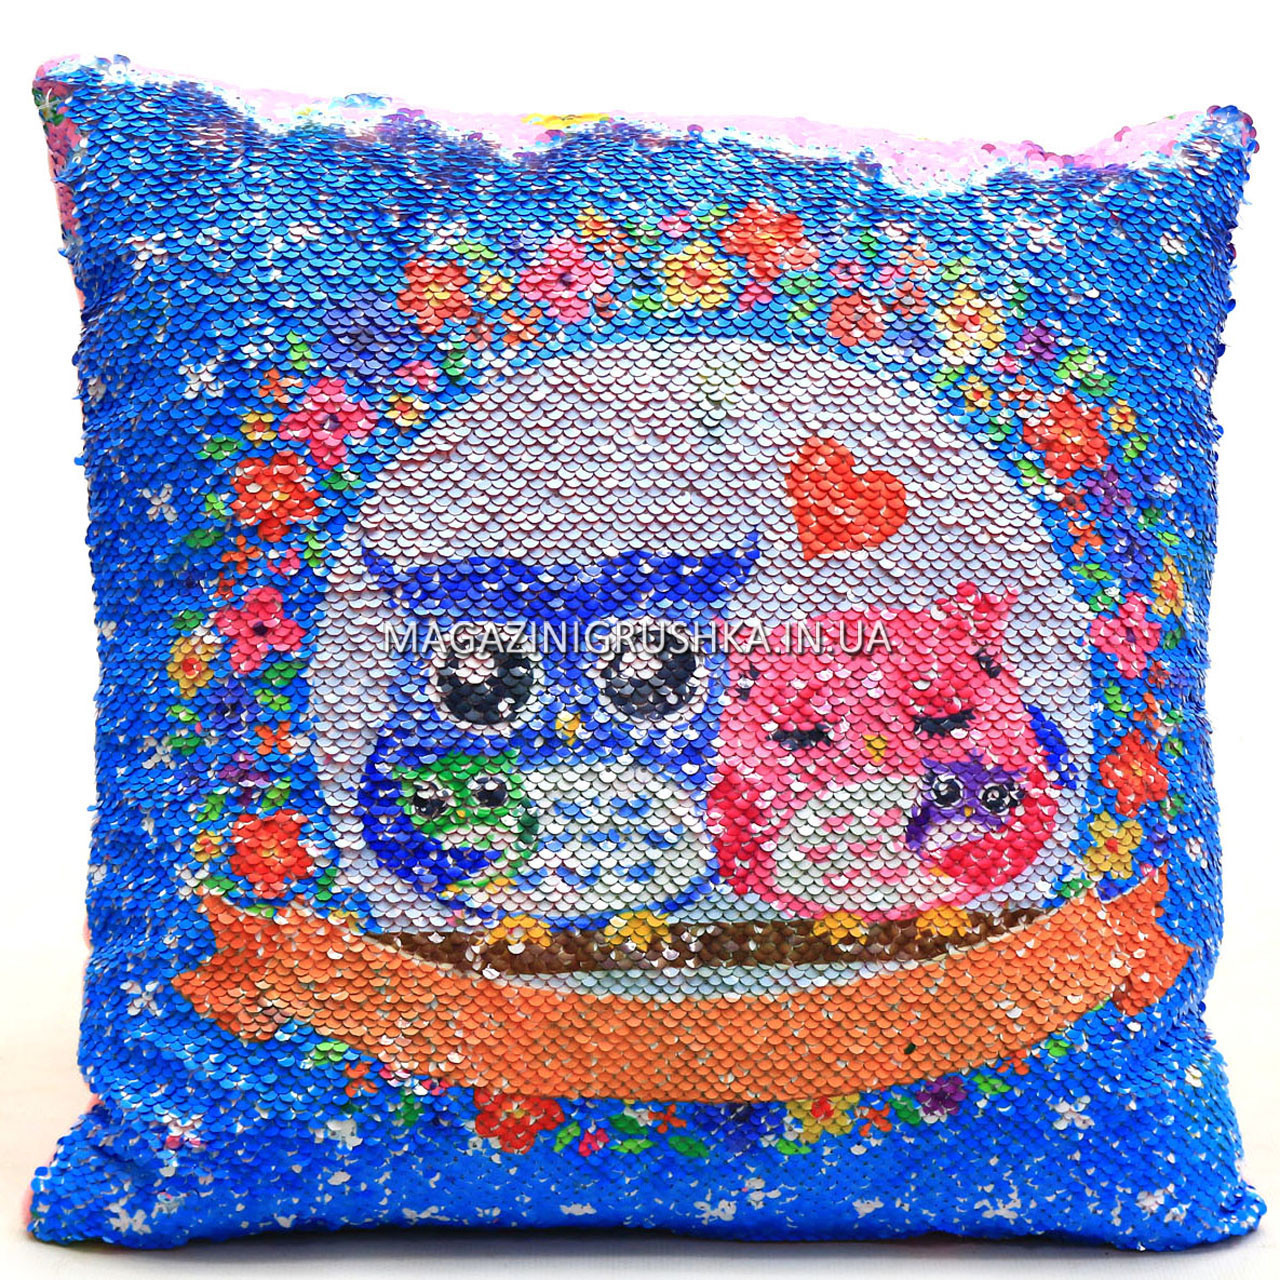 Подушка дитяча сувенірна Копиця з паєтками, 38х38х10 см, фламінго-сови, для дівчинки (24971-1)